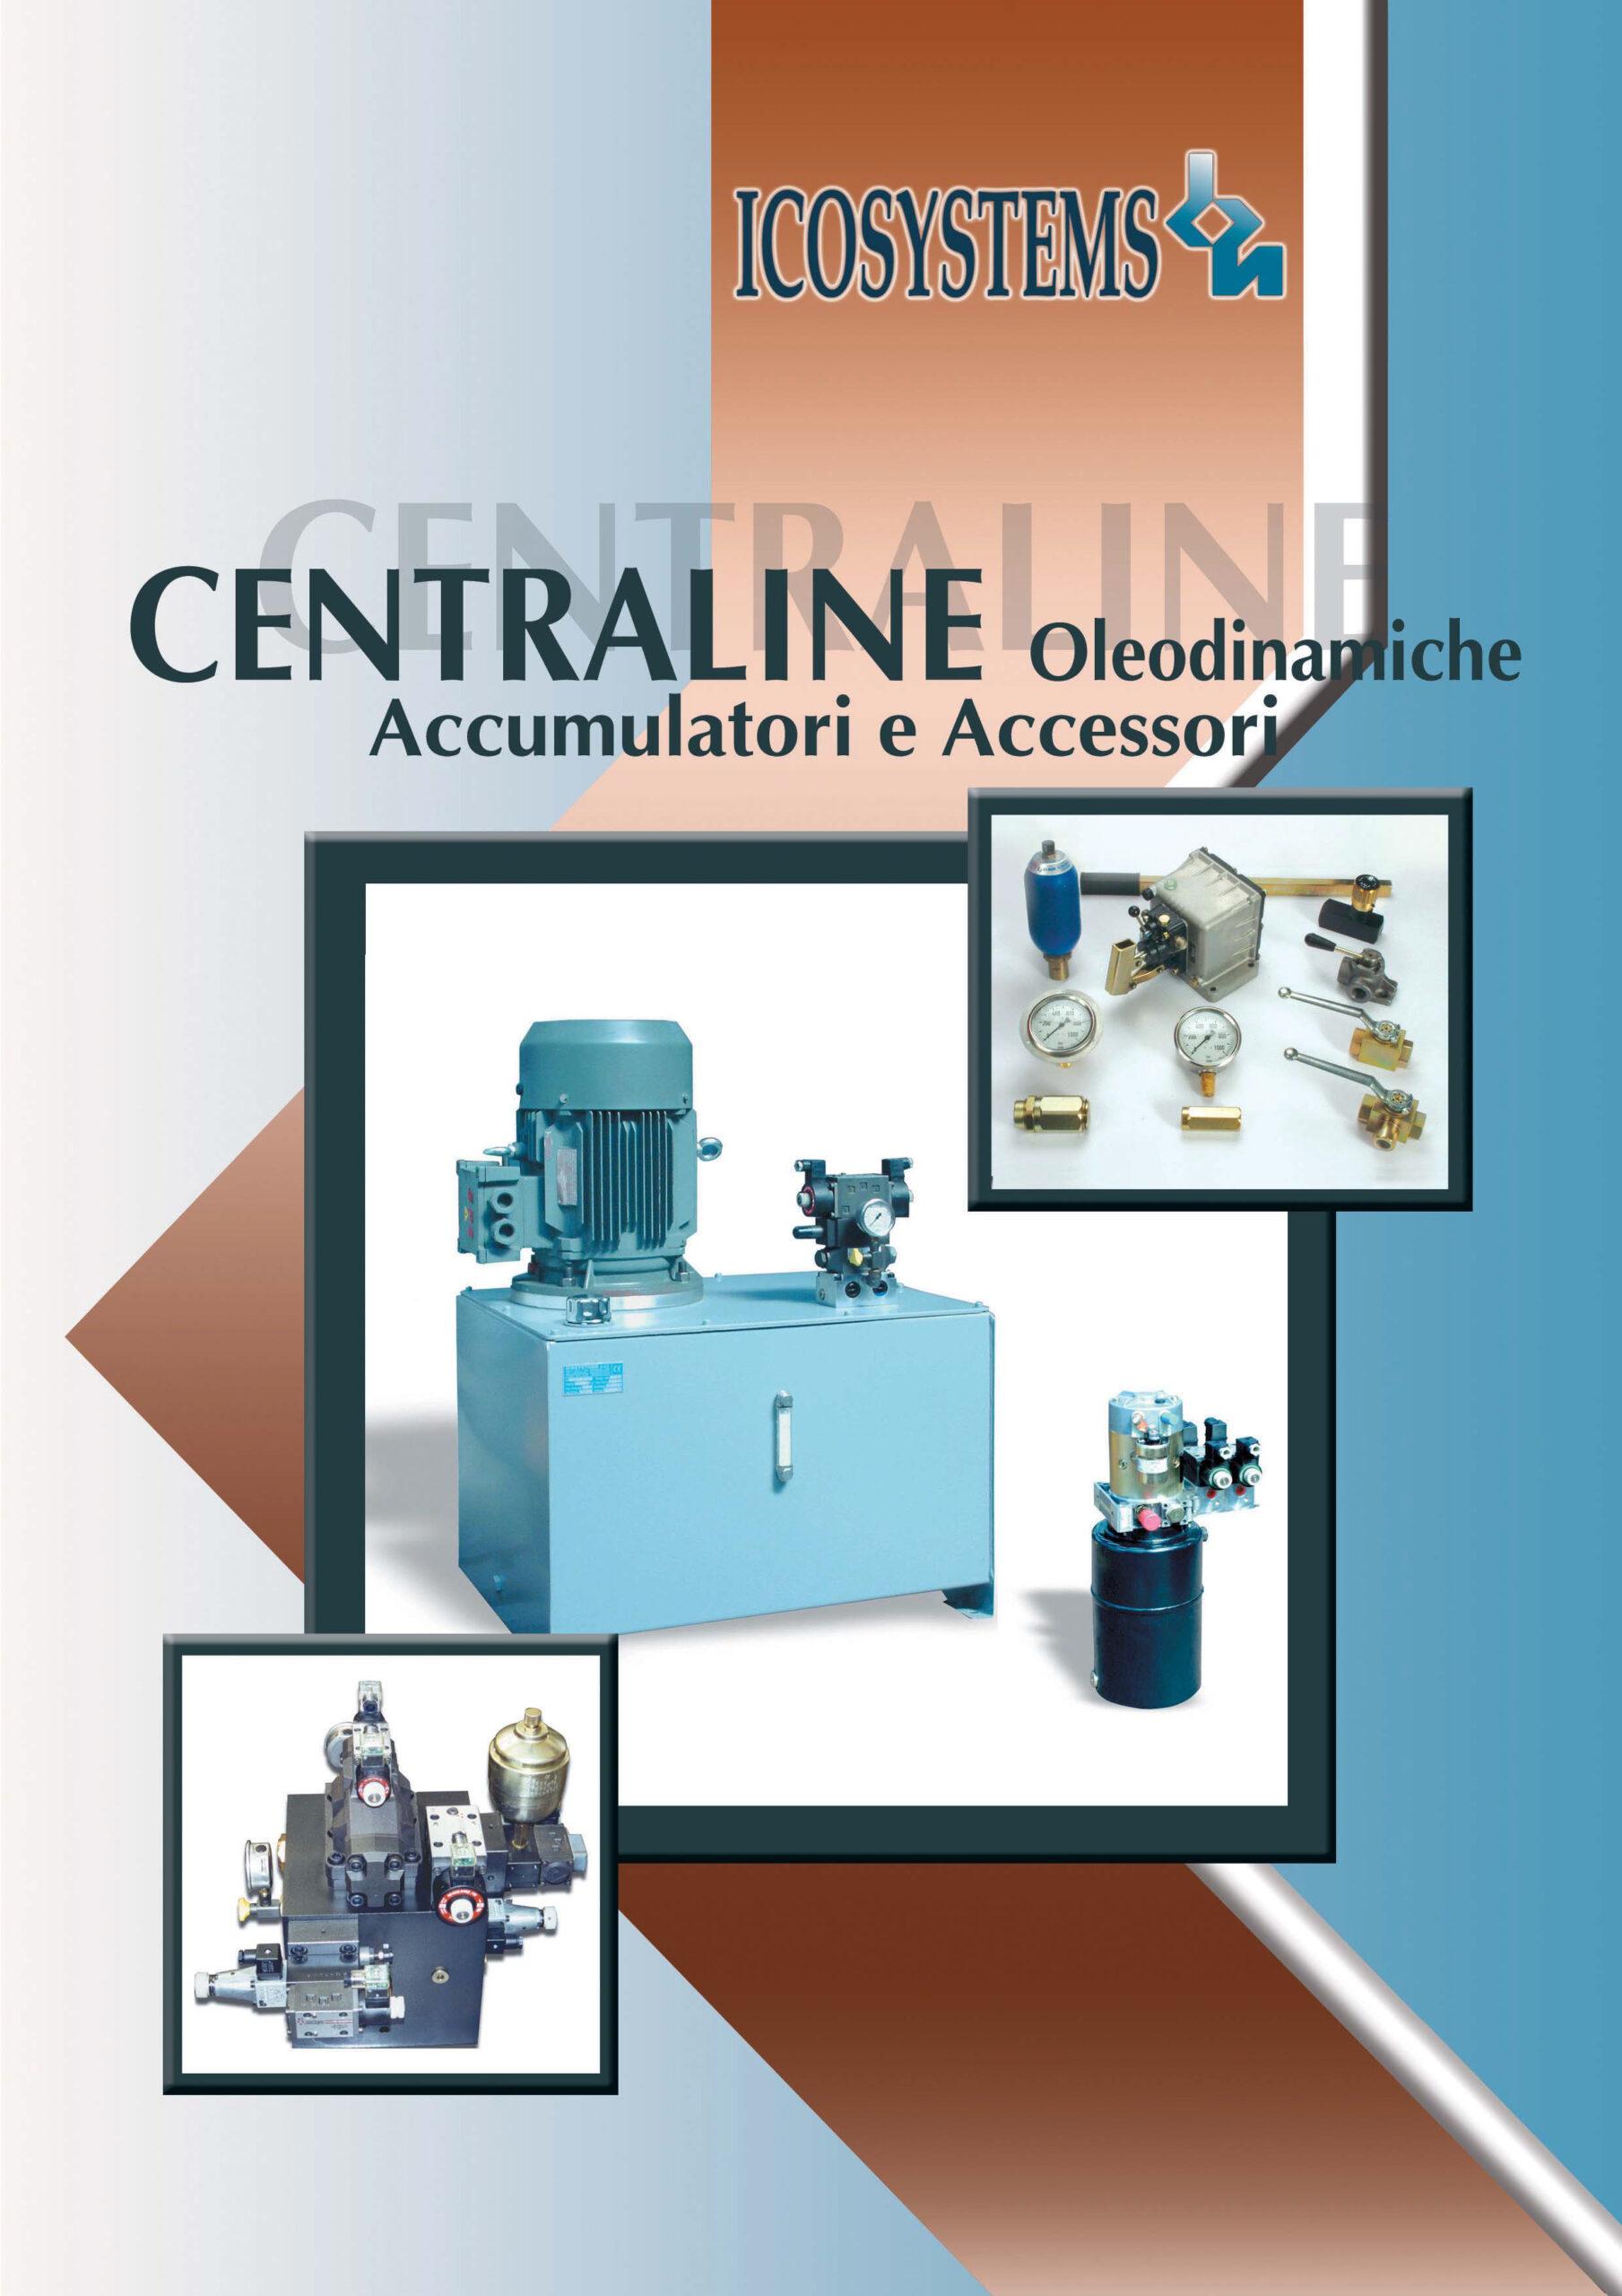 centrali oleodinamiche icosystems